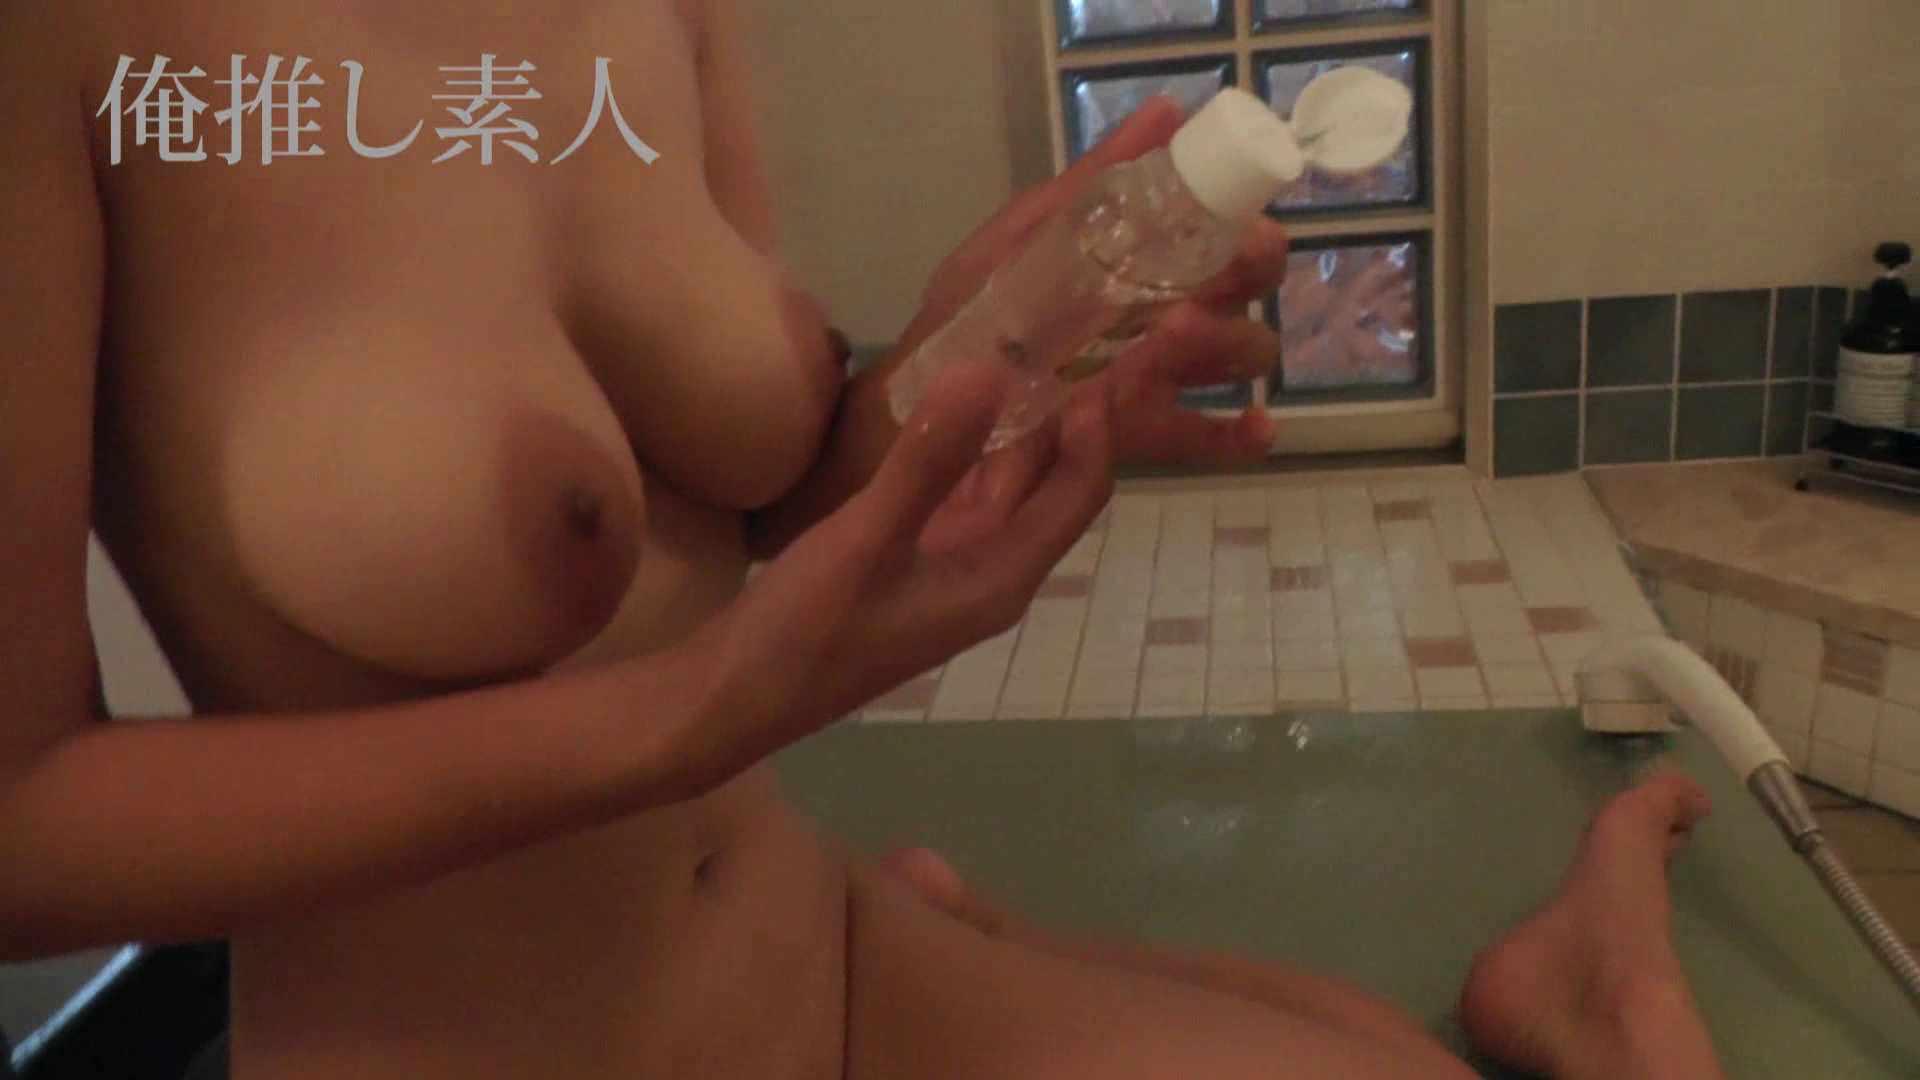 俺推し素人 30代人妻熟女キャバ嬢雫Vol.02 人妻のエロ生活 SEX無修正画像 69連発 22